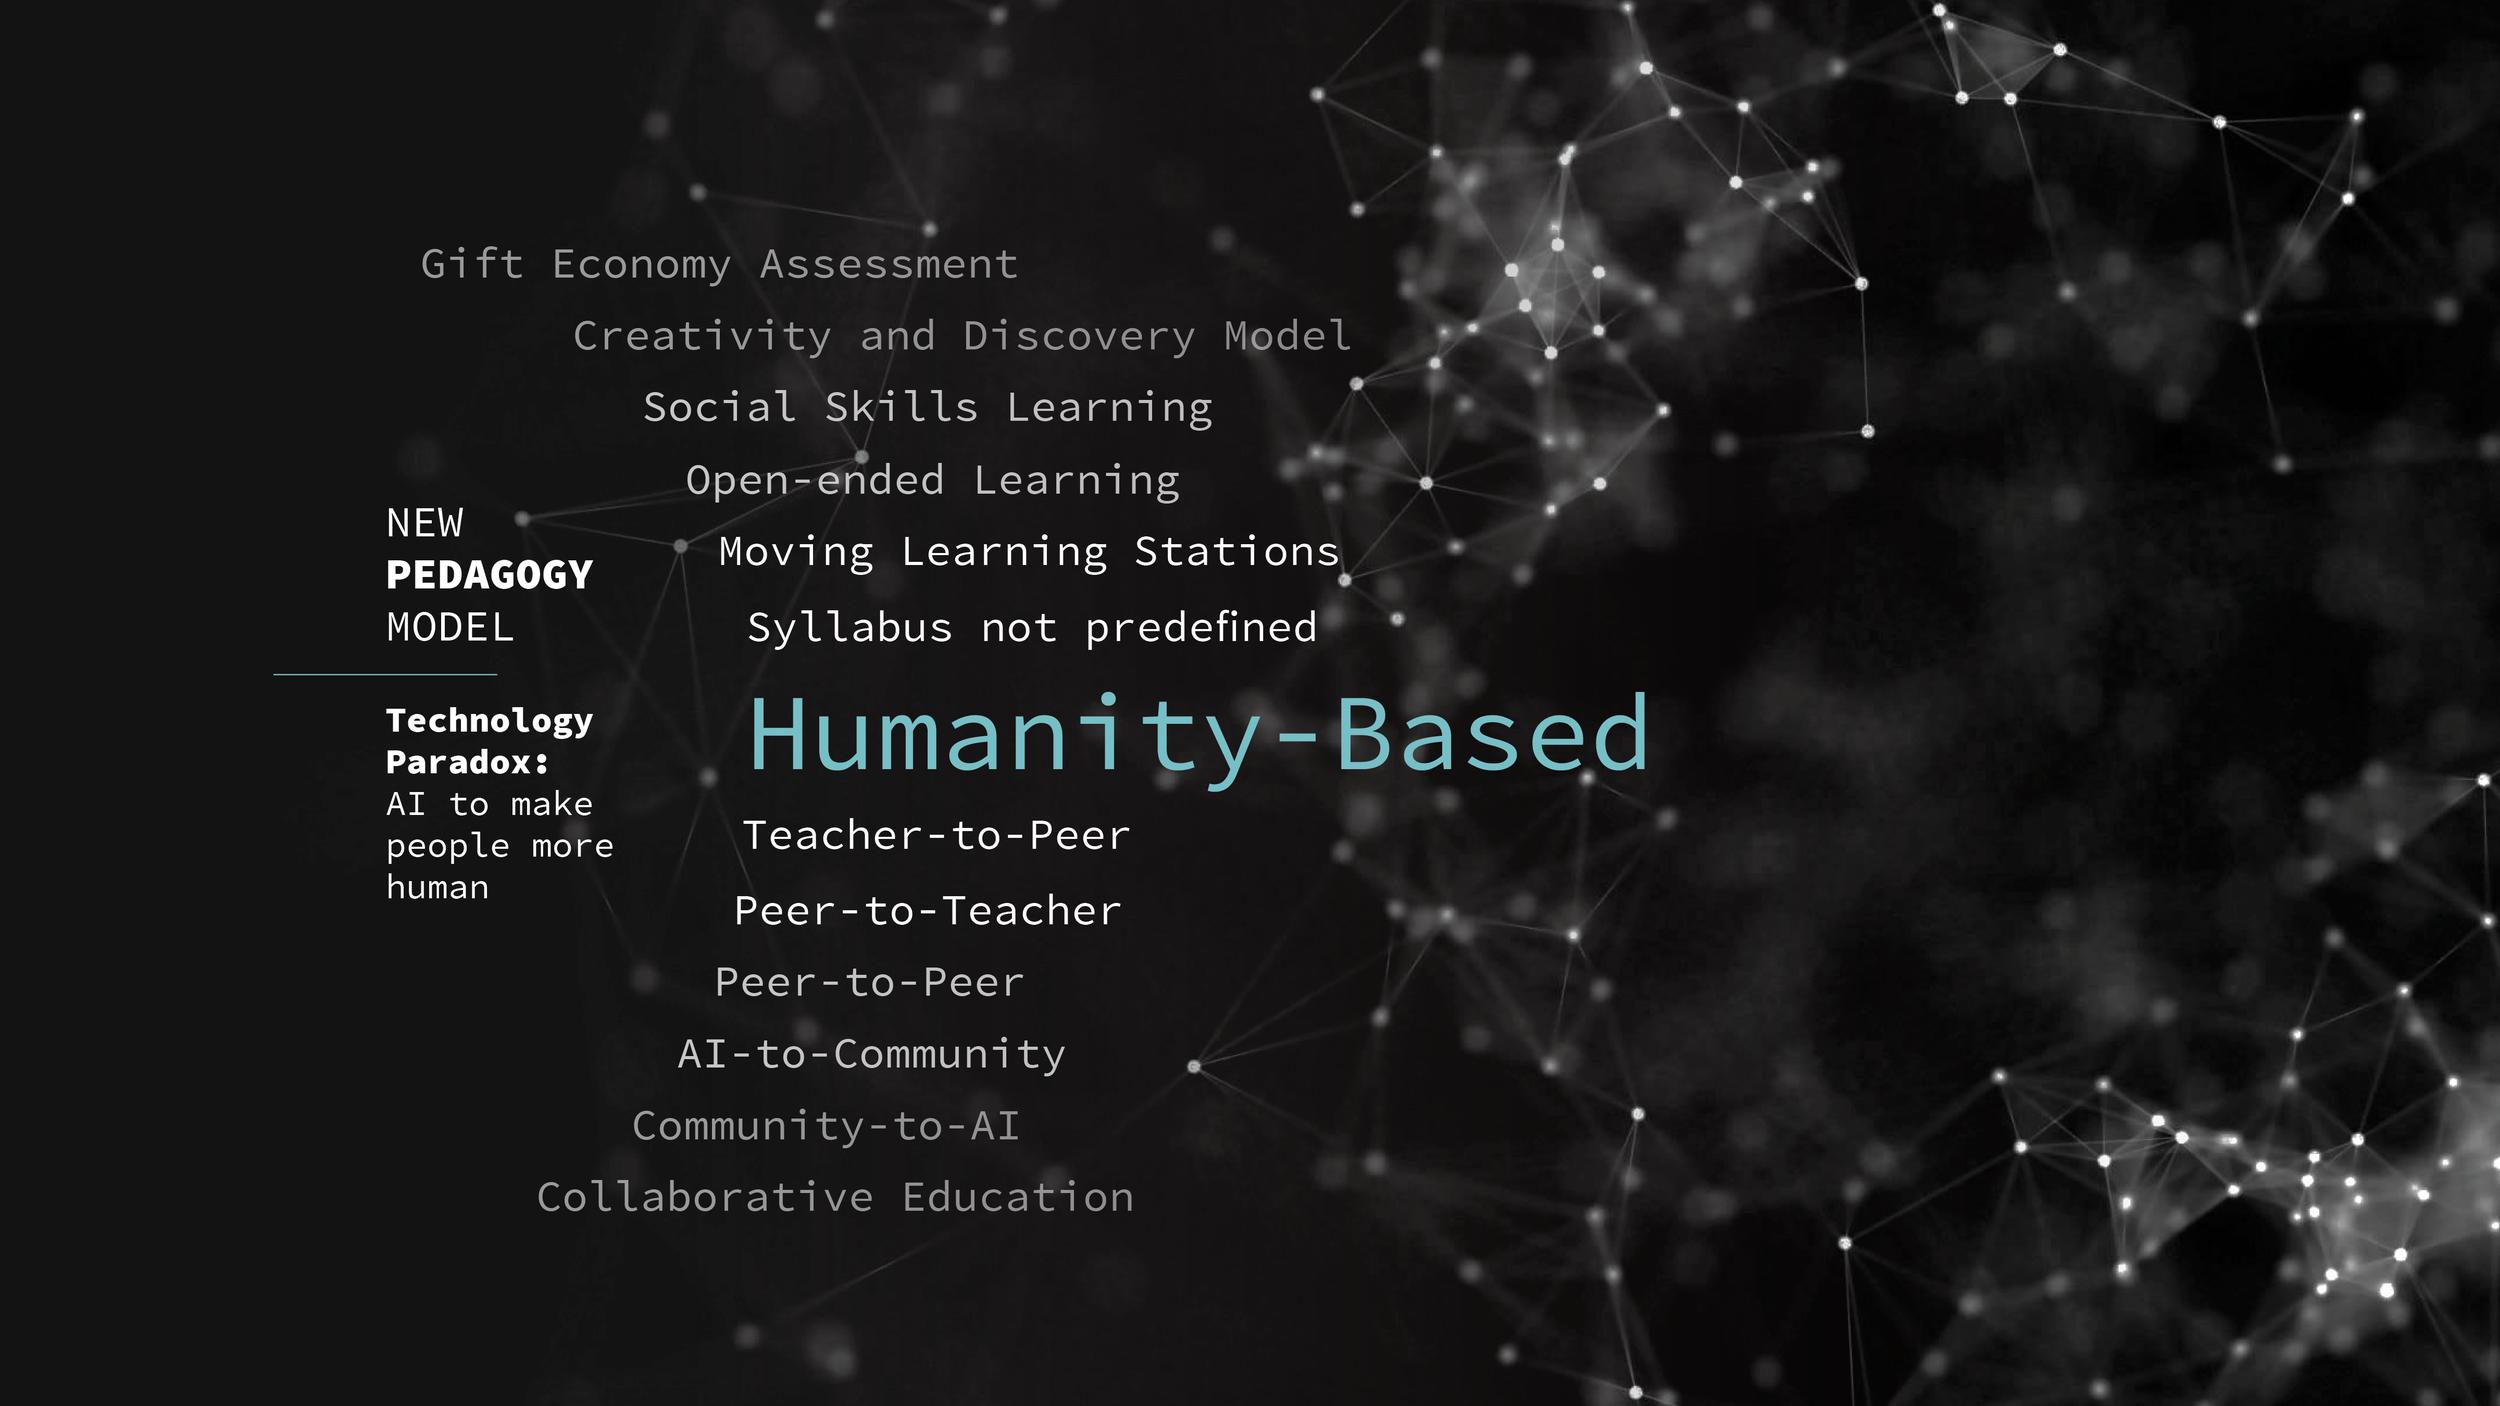 New Pedagogy Model